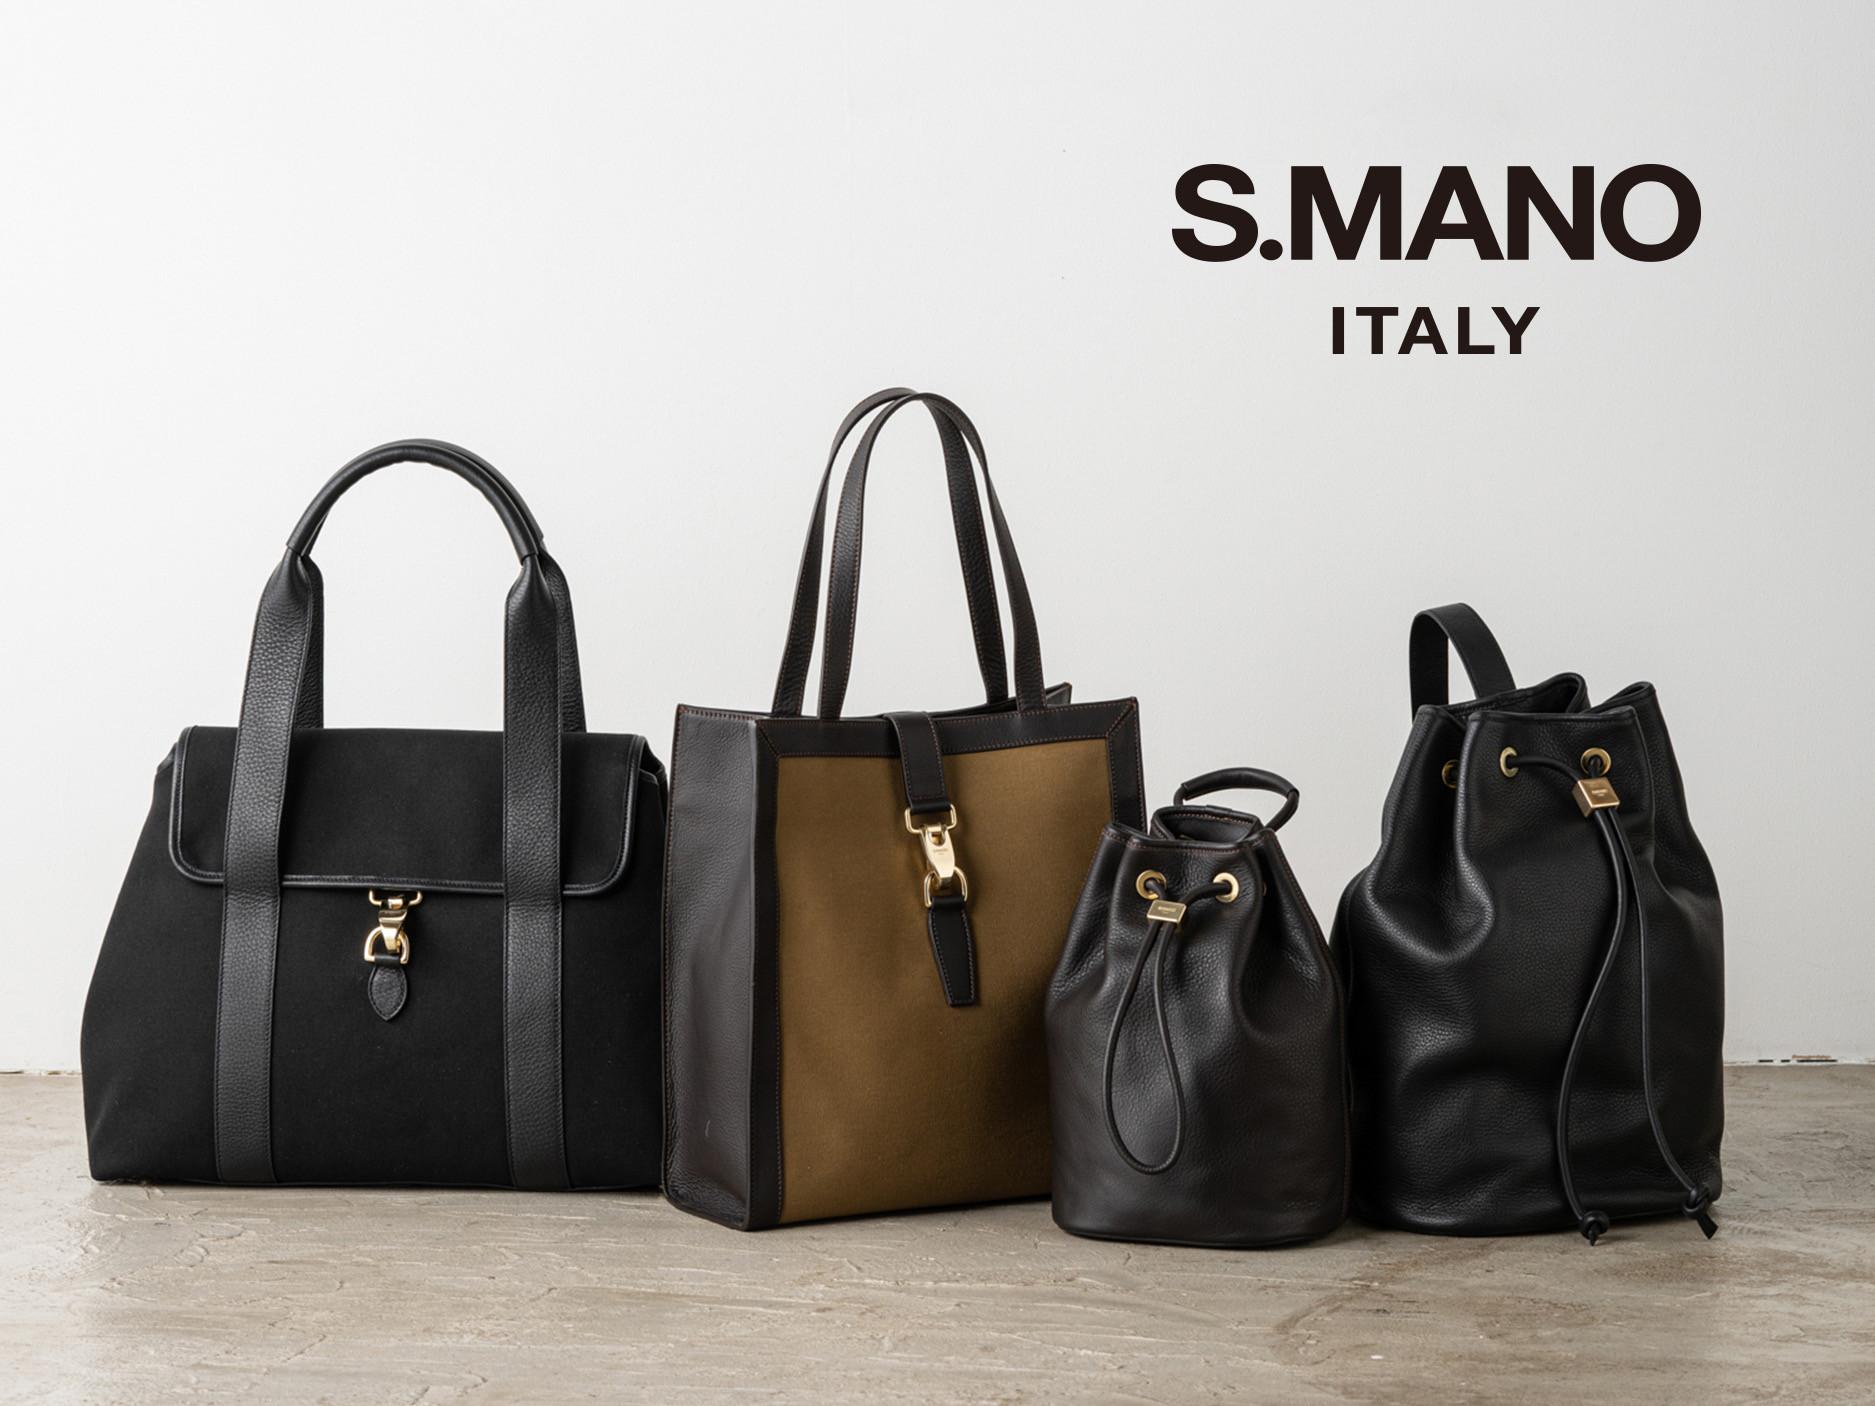 新ブランド「S.MANO」の展開がスタートしました